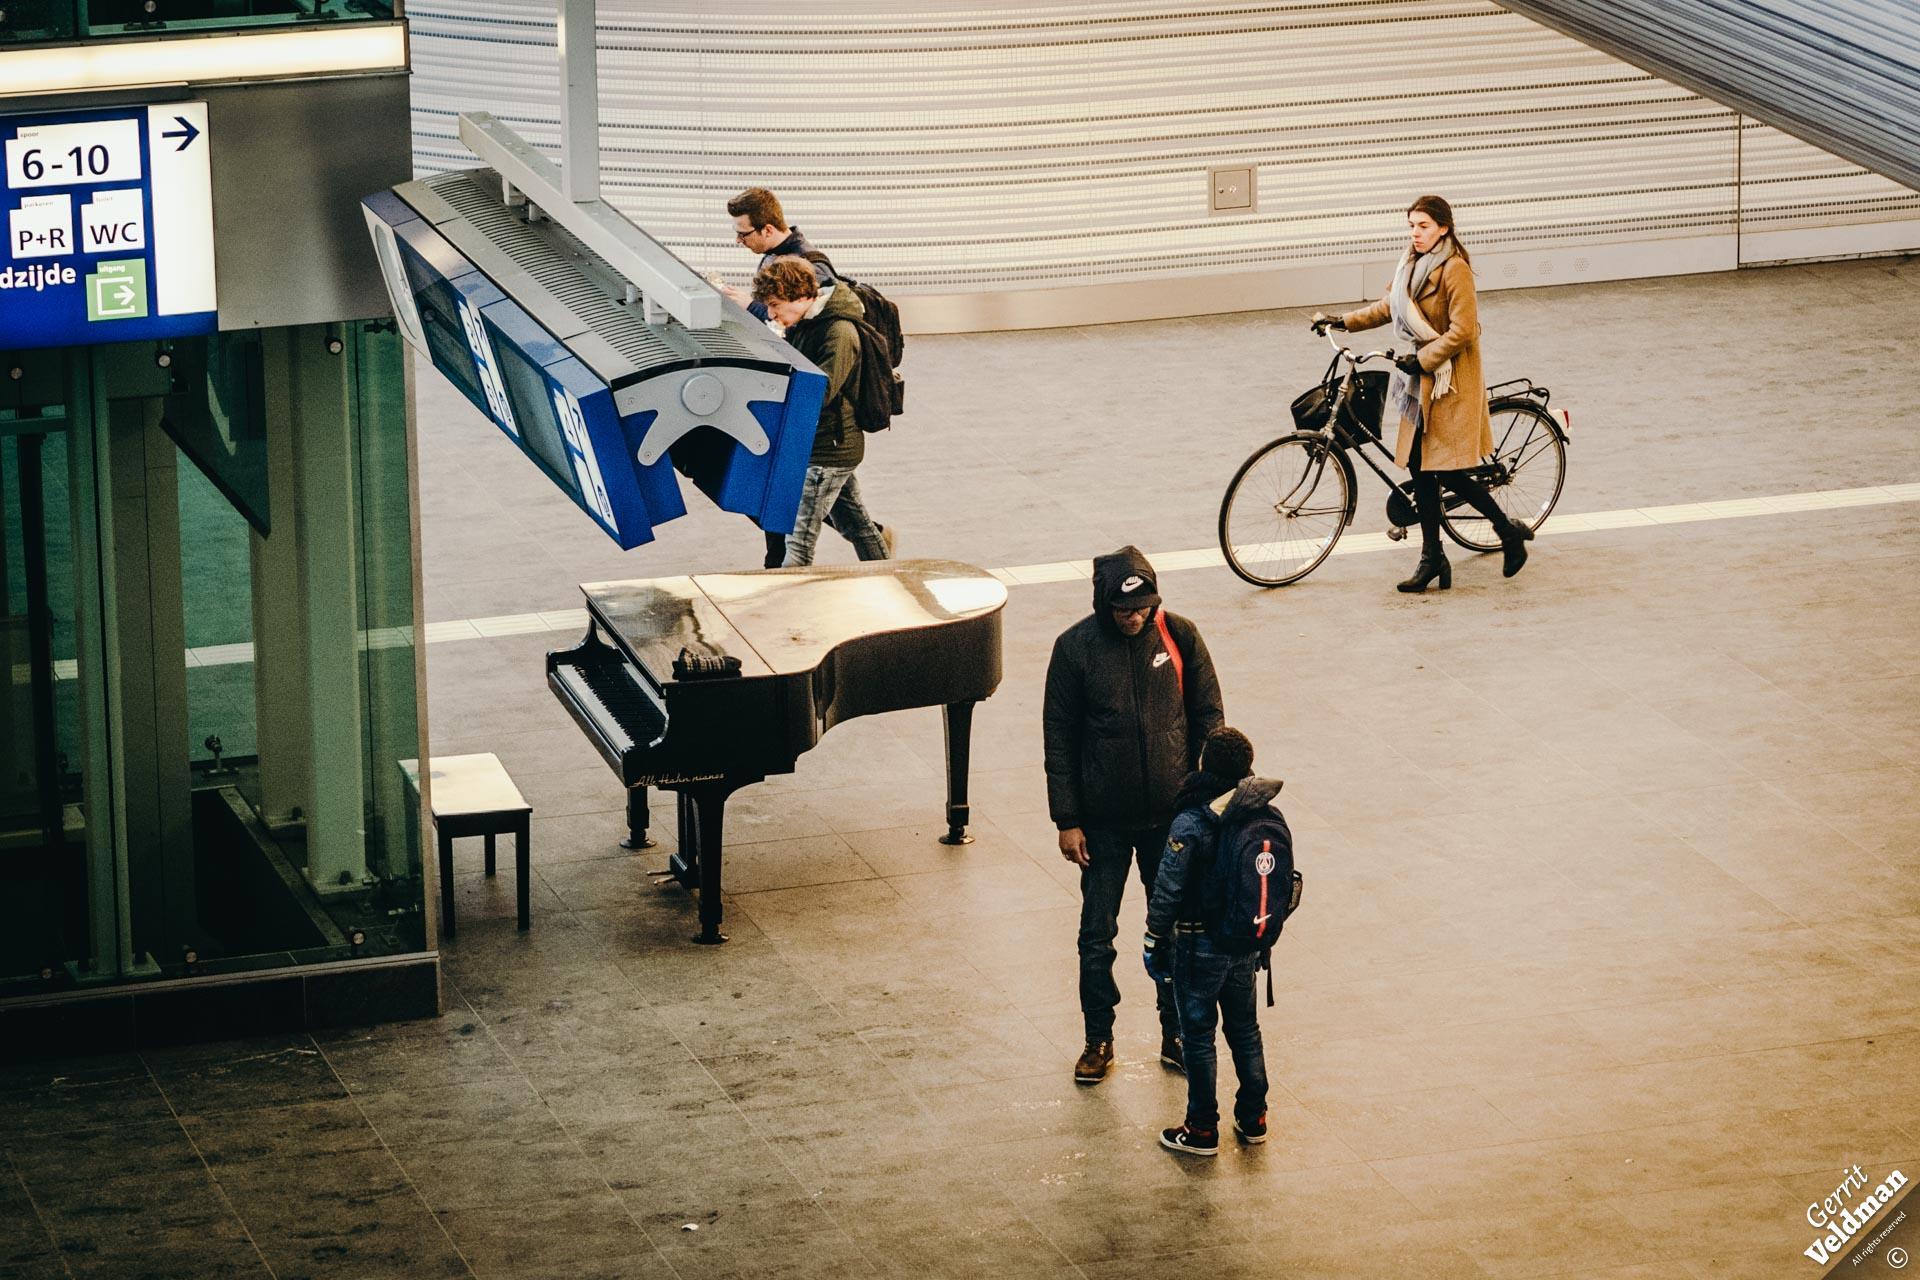 Stationstunnel, Zwolle